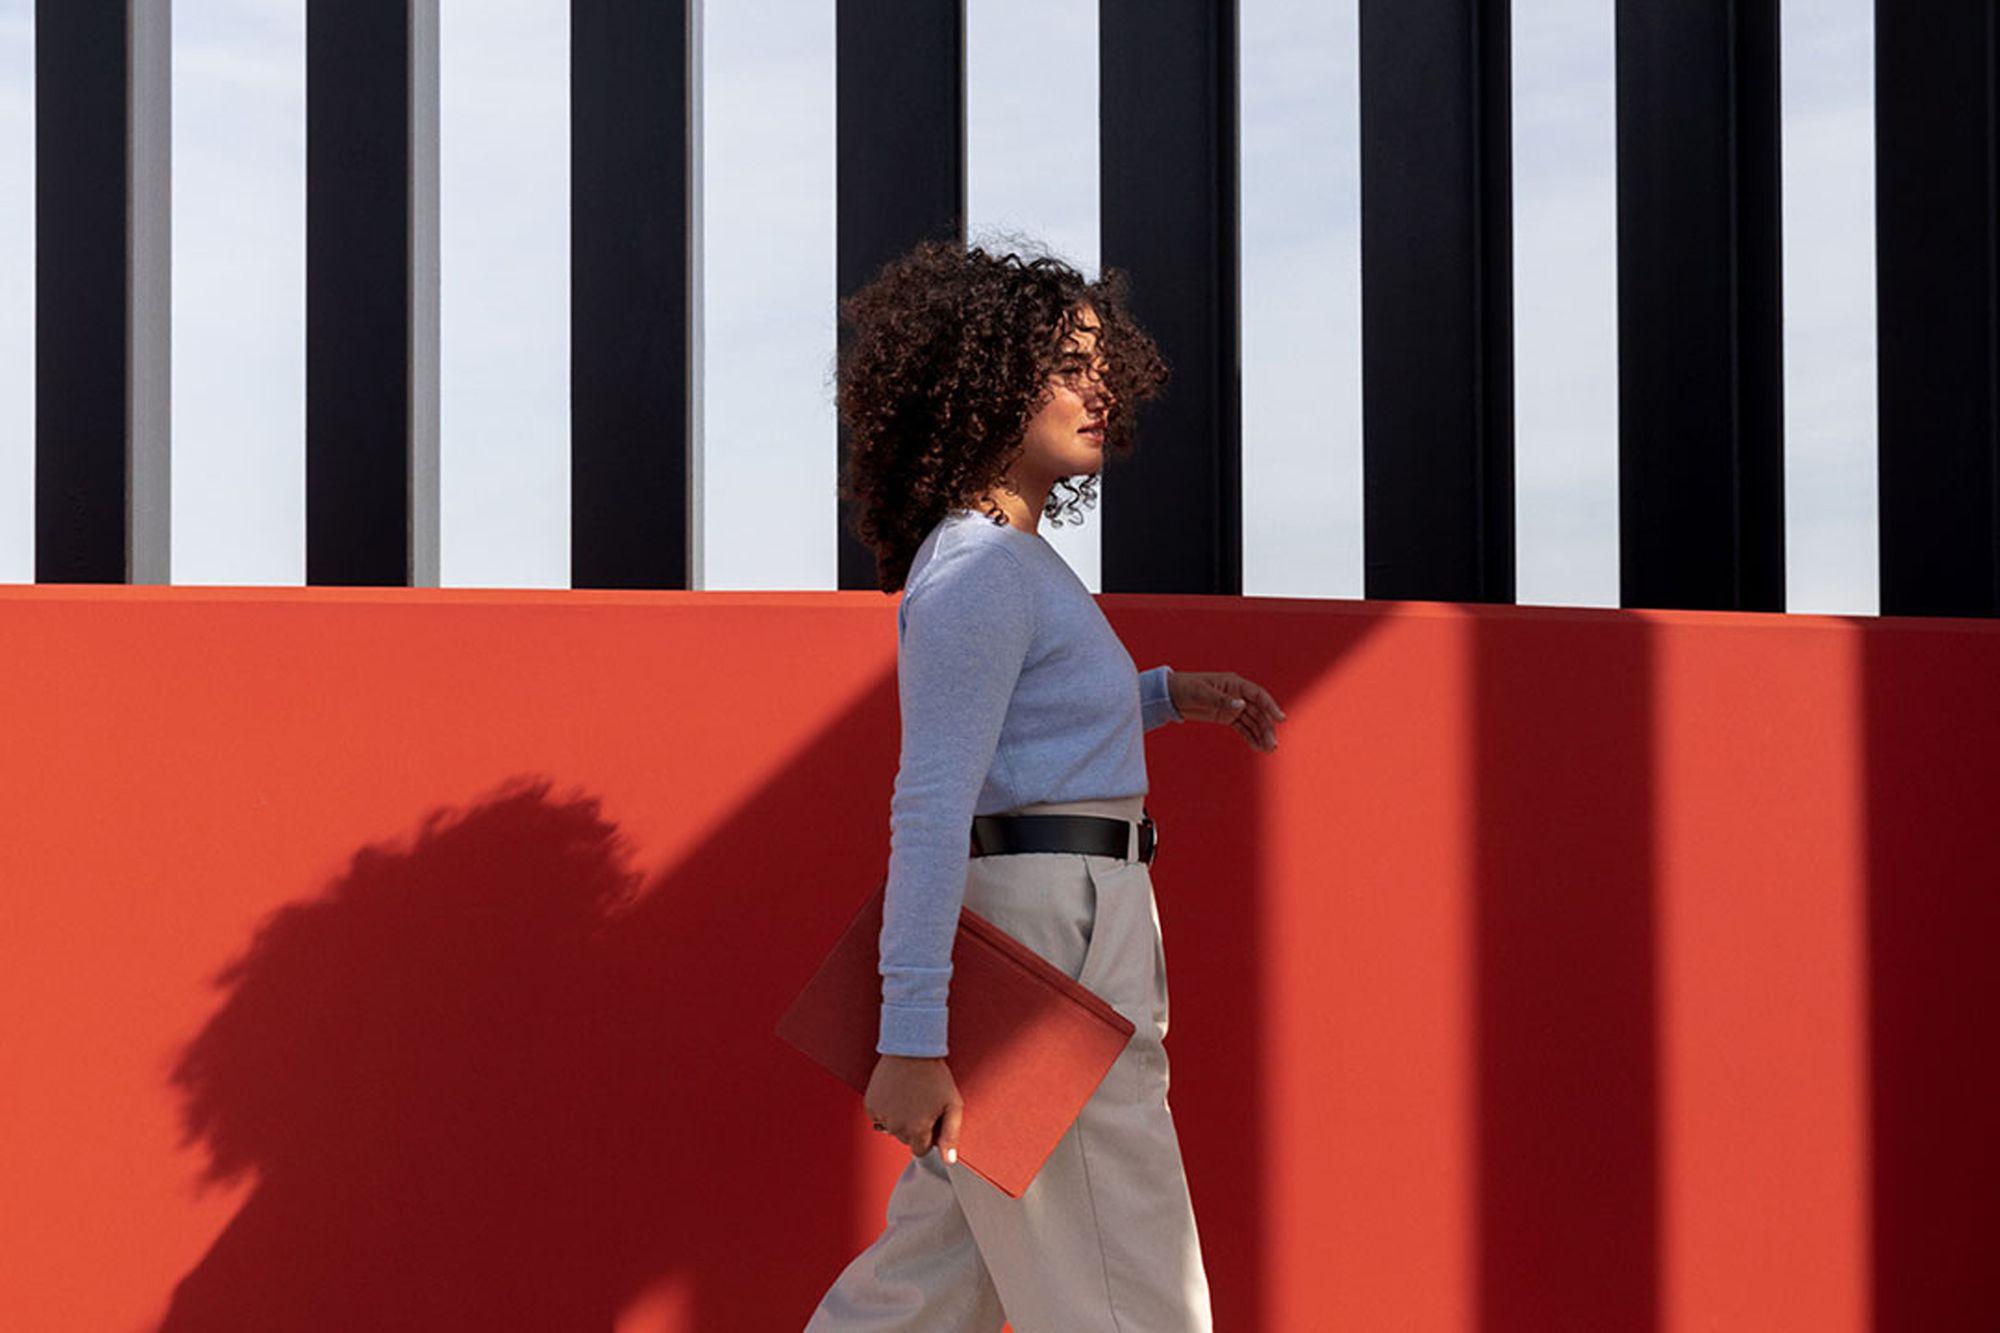 Eine Frau läuft mit dem Surface Pro 7 inkl. Type Cover in Mohnrot vor einer gleichfarbigen Wand entlang